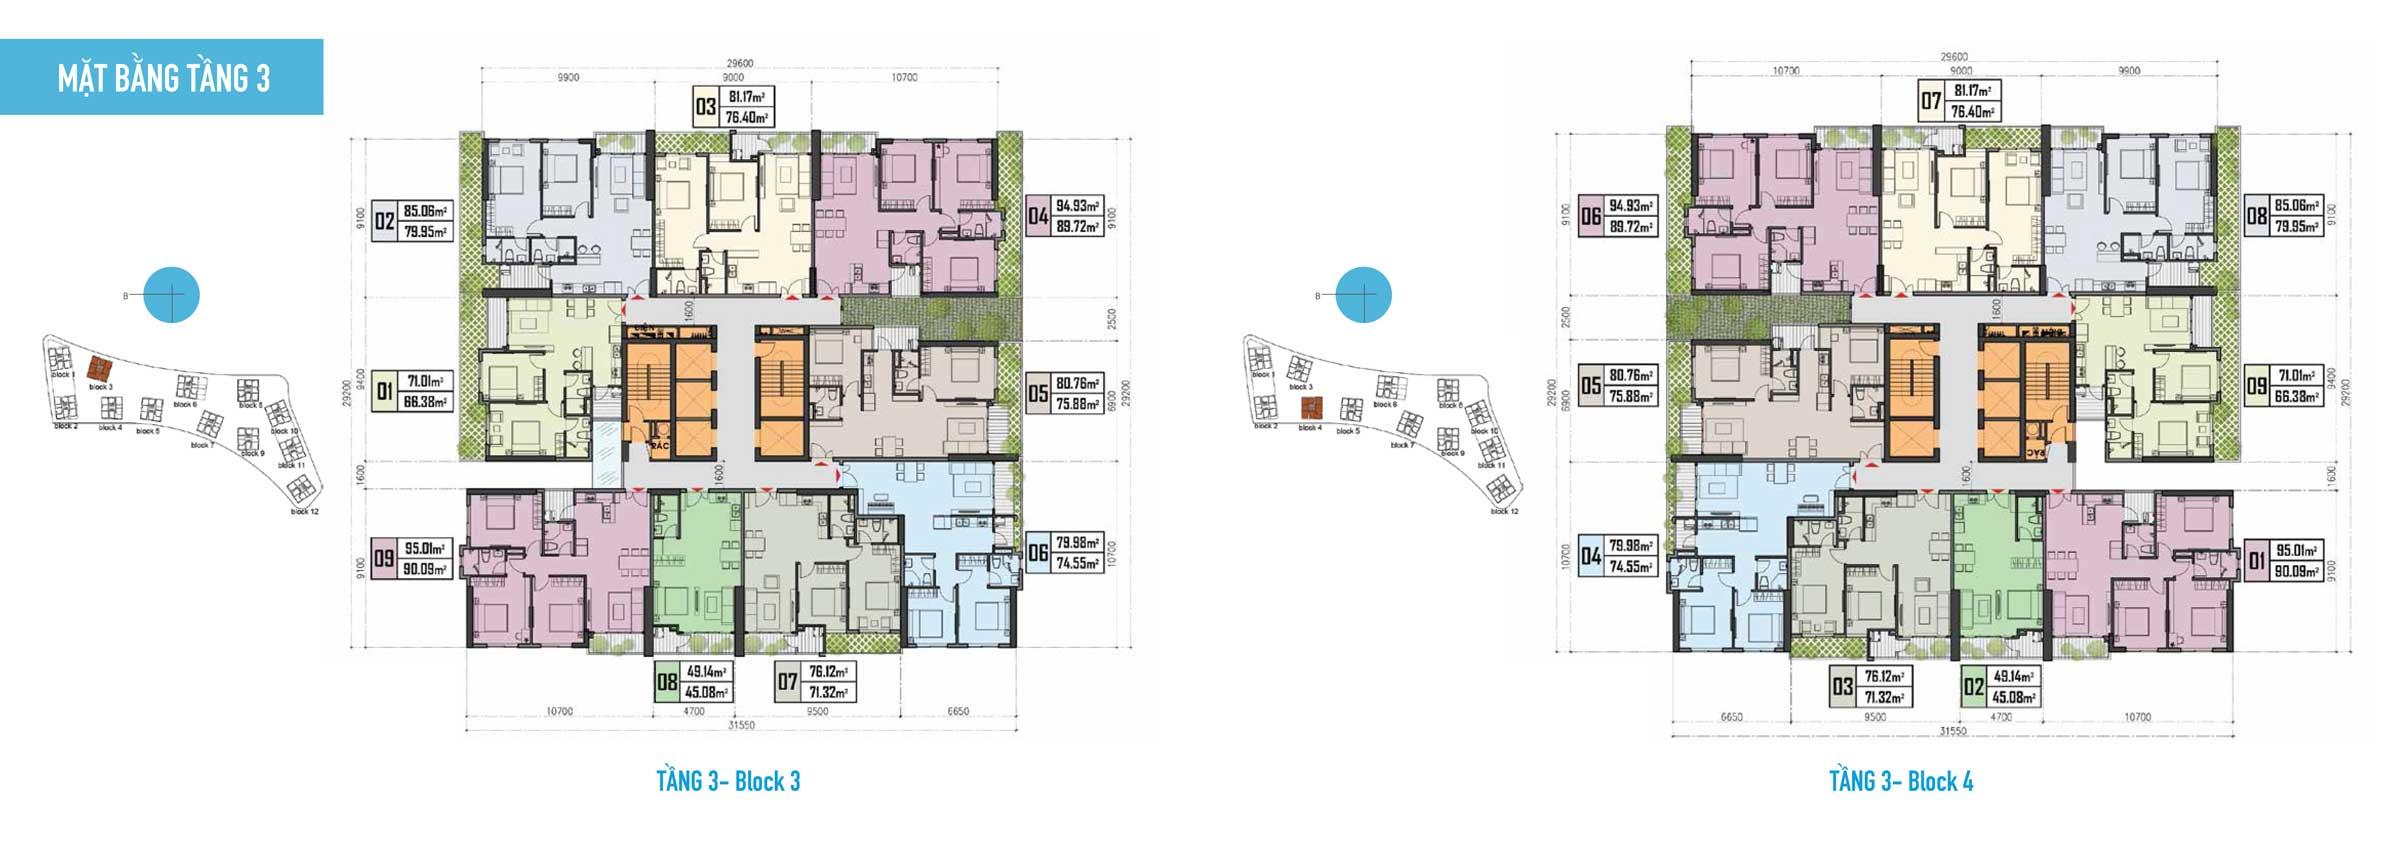 Thiết kế Căn hộ Gem Riverside - Mặt bằng tầng 3 Block 3,4